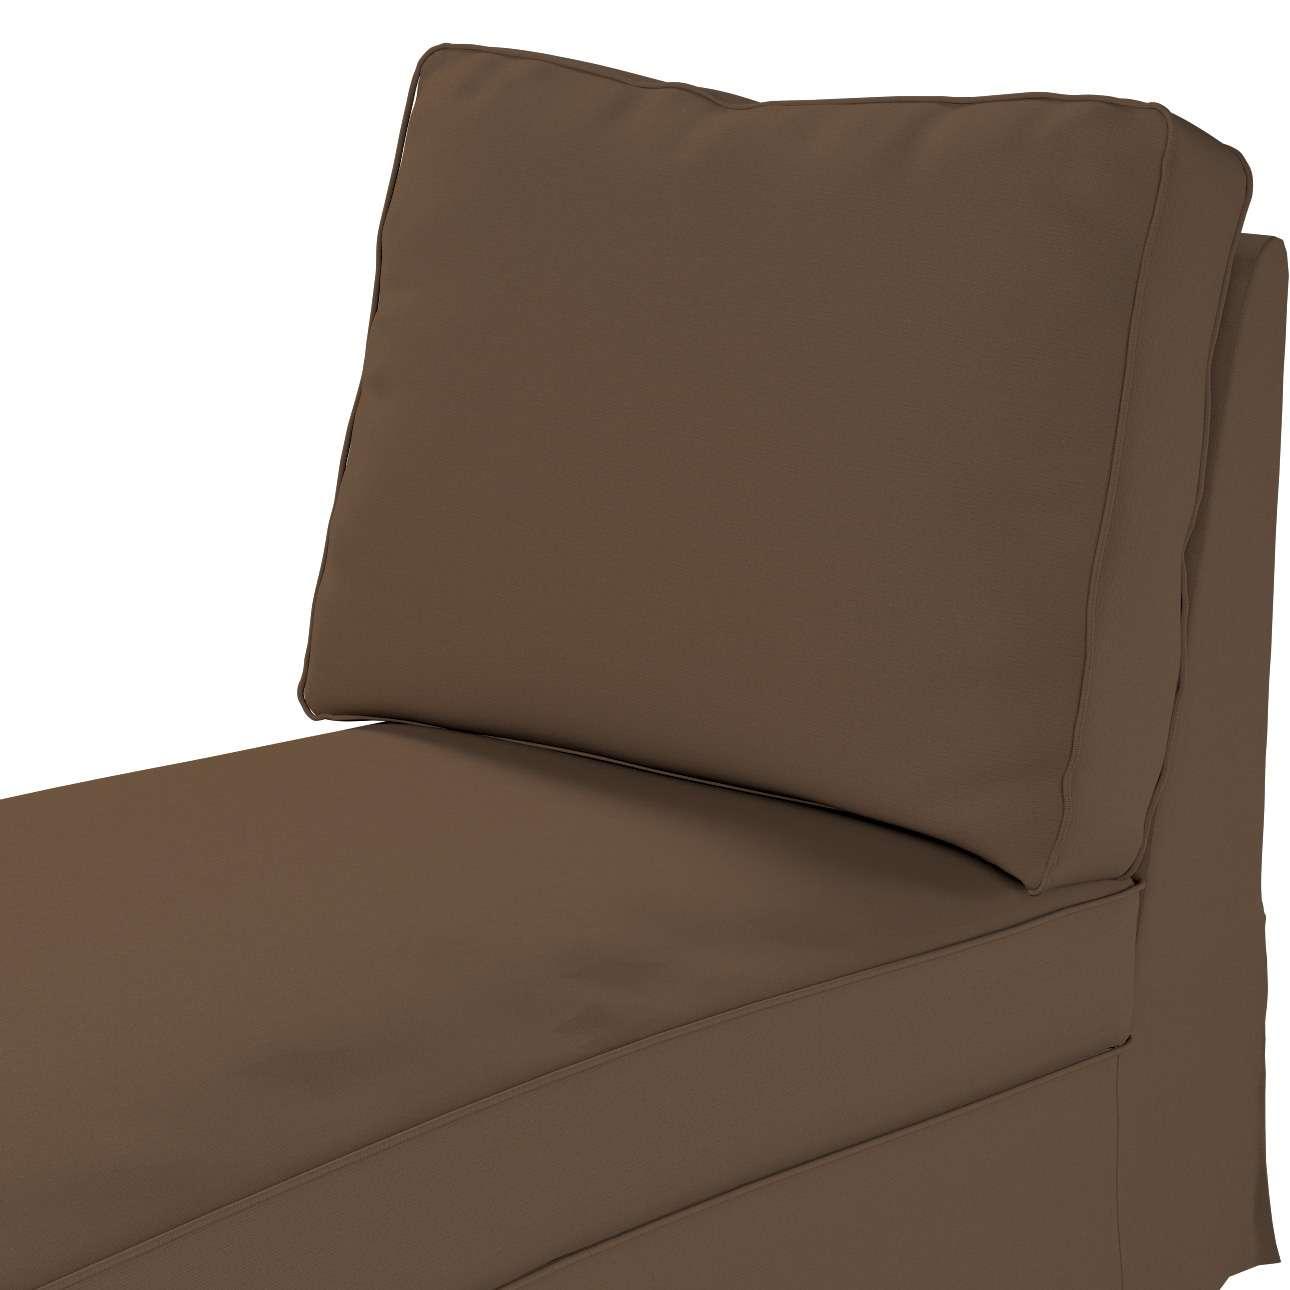 Pokrowiec na szezlong/ leżankę Ektorp wolnostojący prosty tył w kolekcji Cotton Panama, tkanina: 702-02